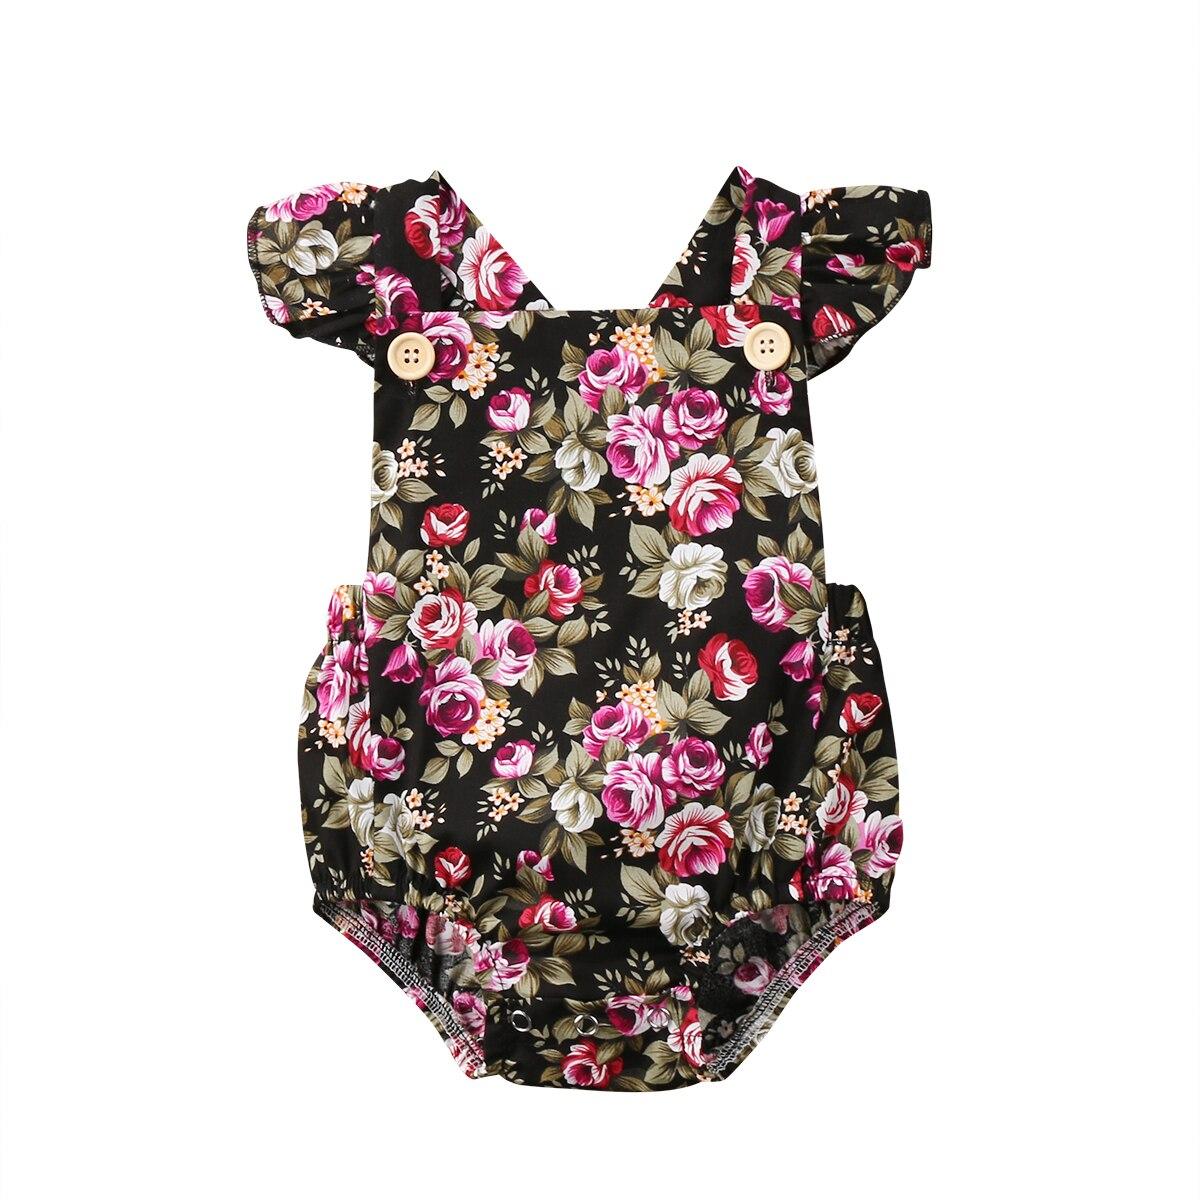 Cute Newborn Baby Girls Floral Romper Jumpsuit Outfits Sunsuit Clothes Summer Jumpsuit